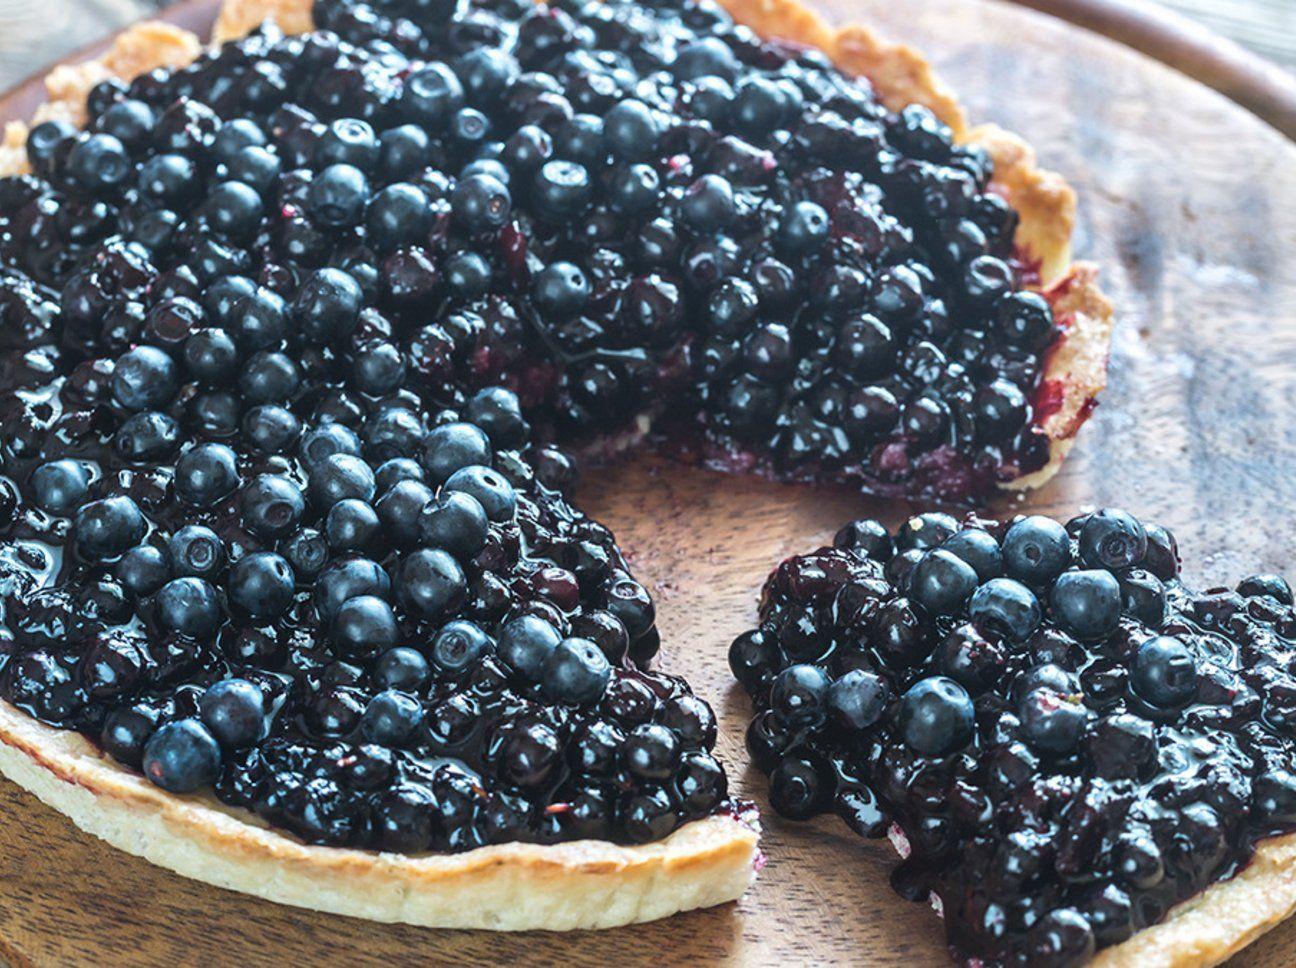 Ernährung mit null Mehl, null Zucker, aber trotzdem lecker! Das beste Rezept für eine Heidelbeer-Tarte